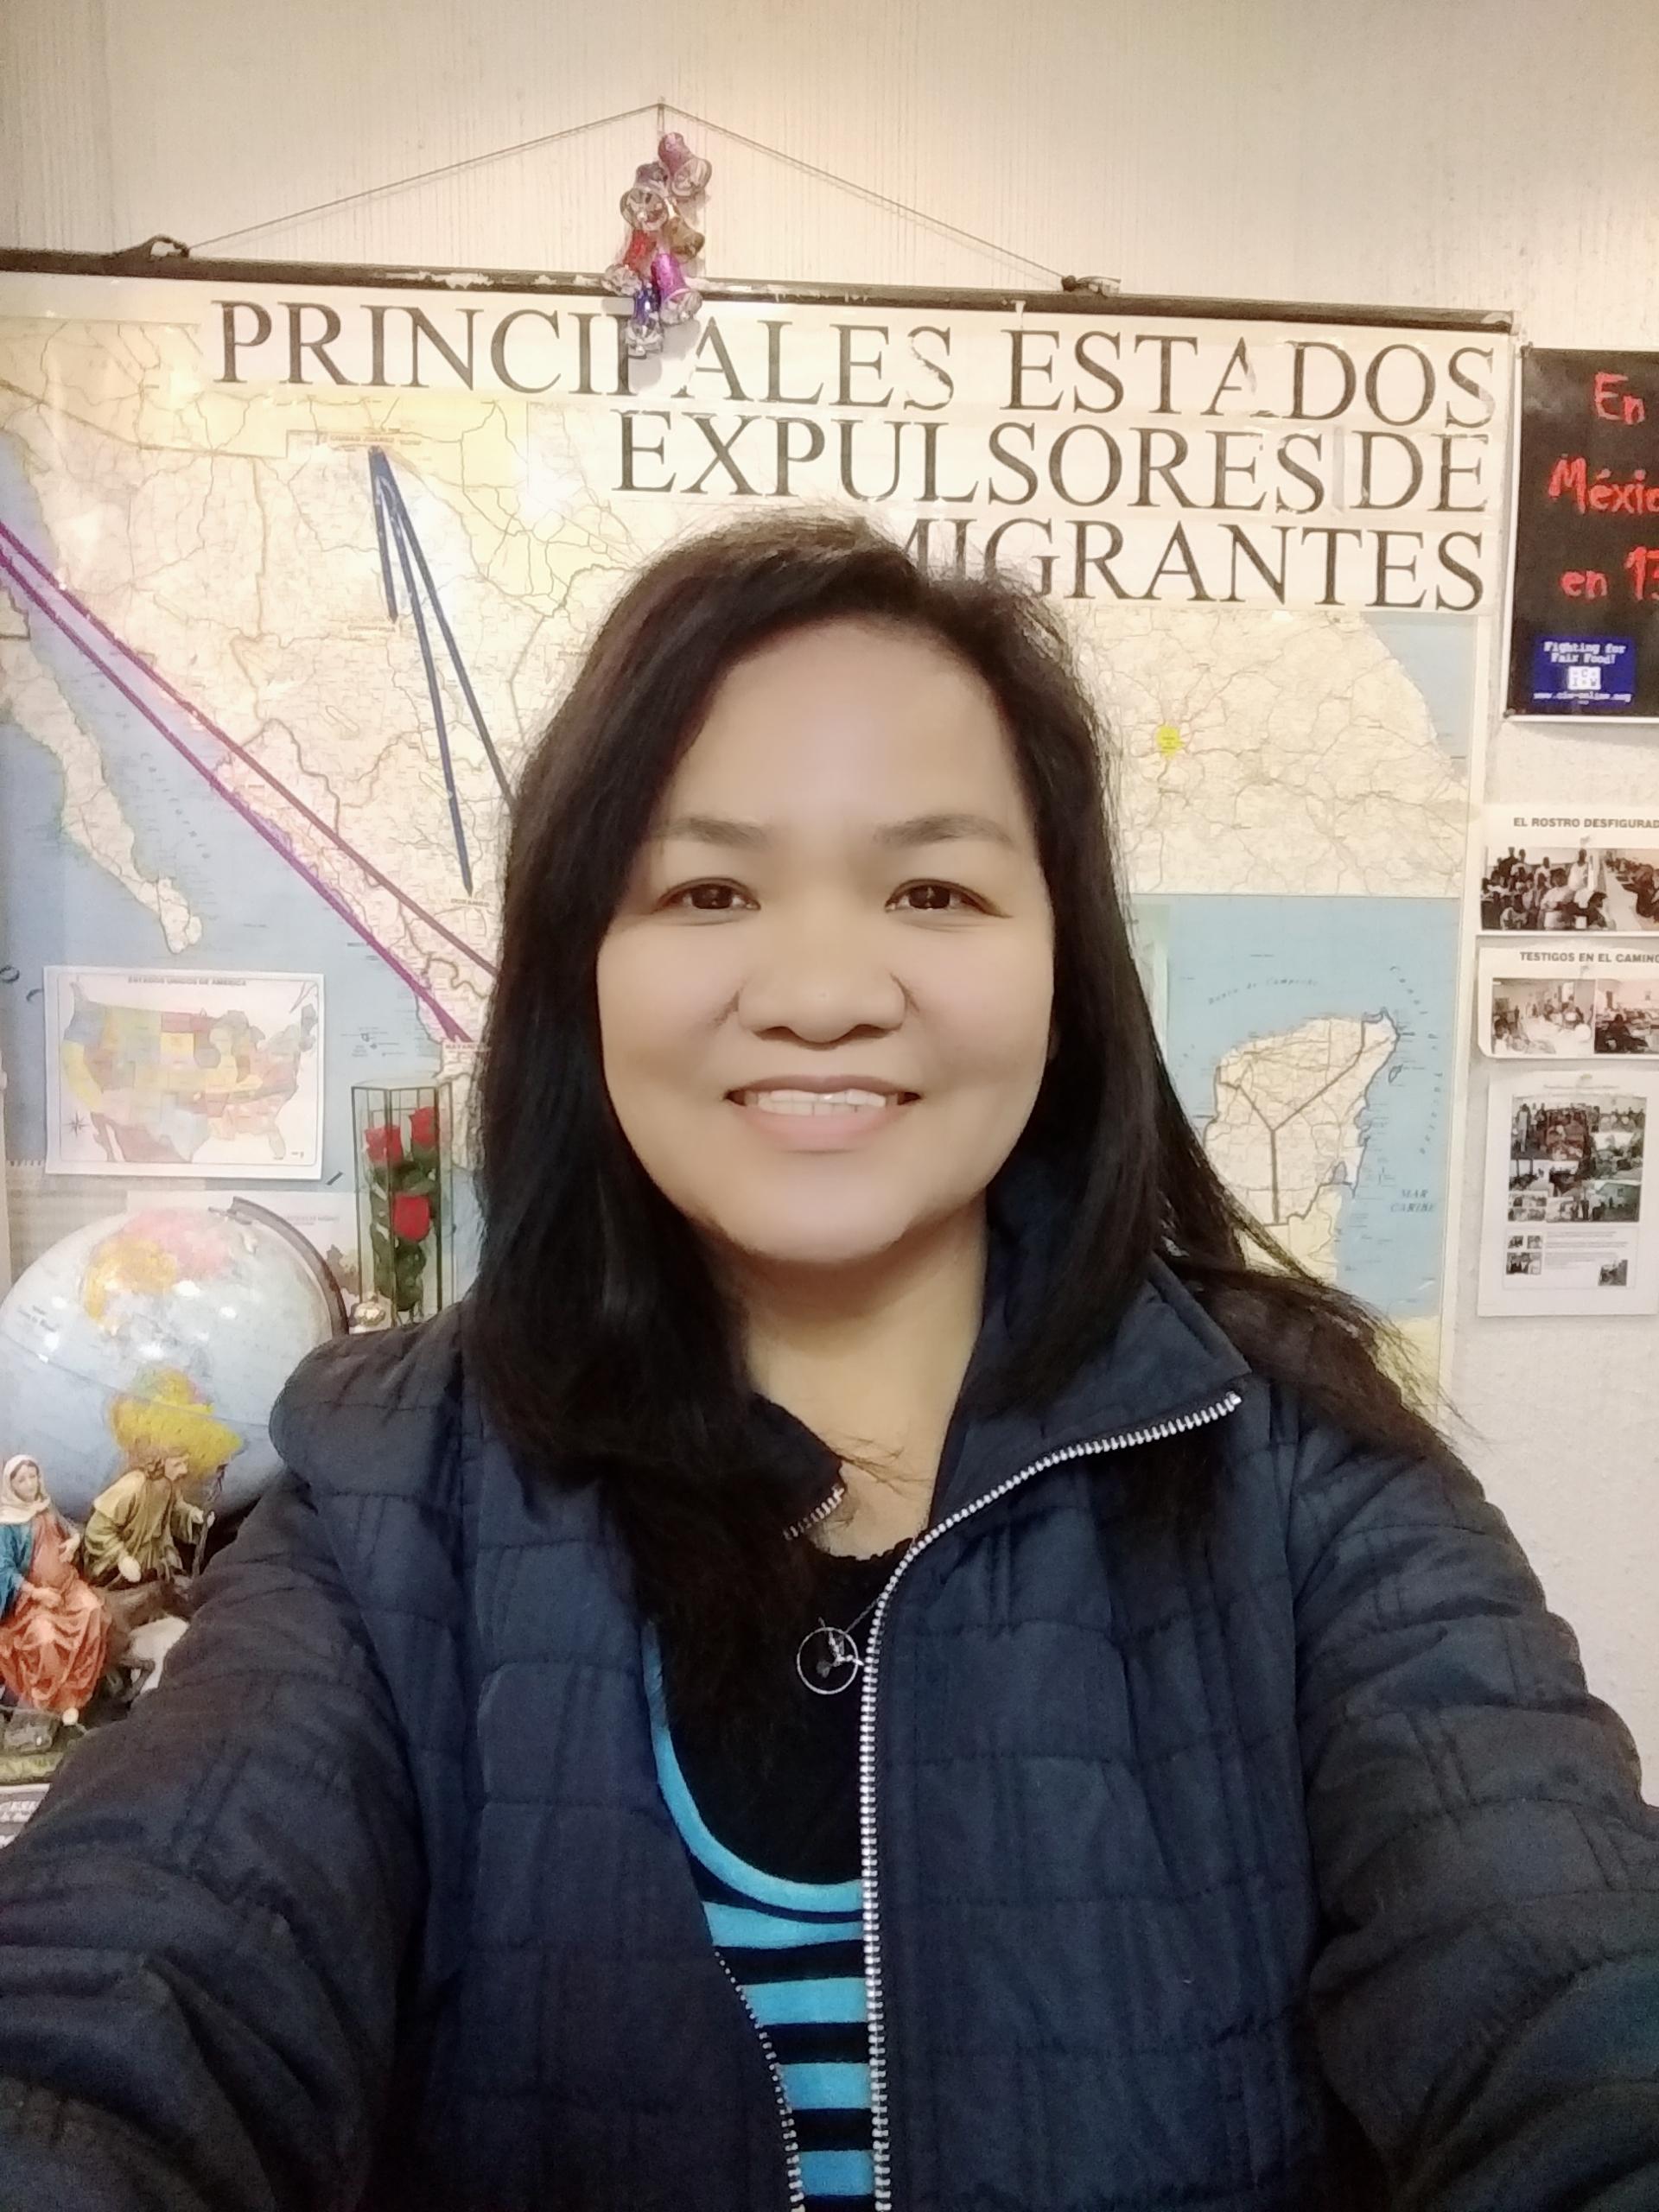 © Arlina Barral, responsable de la pastoral de migrantes de la Arquidiócesis de México